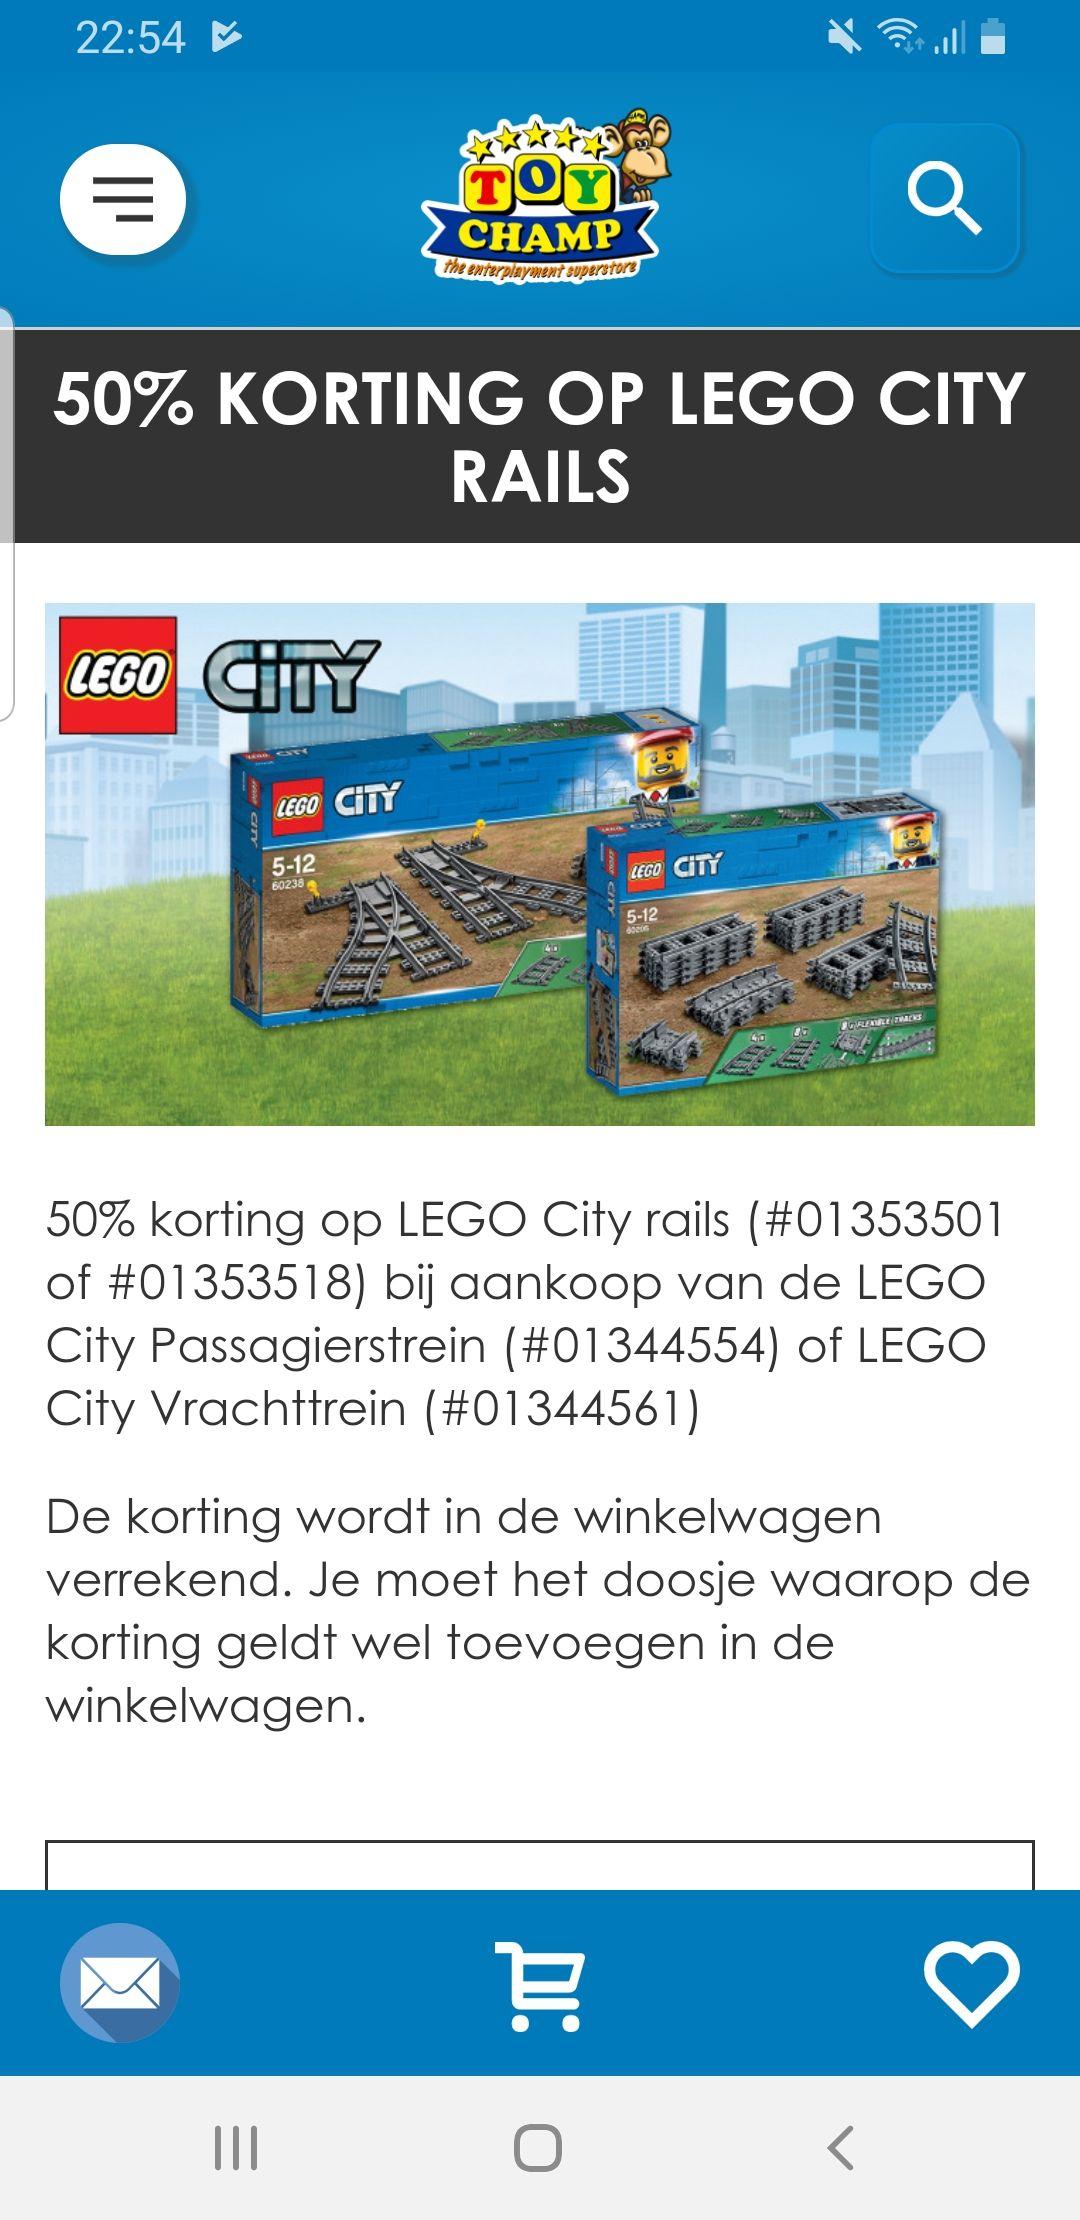 Bij aankoop van lego city trein of vrachtrein 50% korting op rails